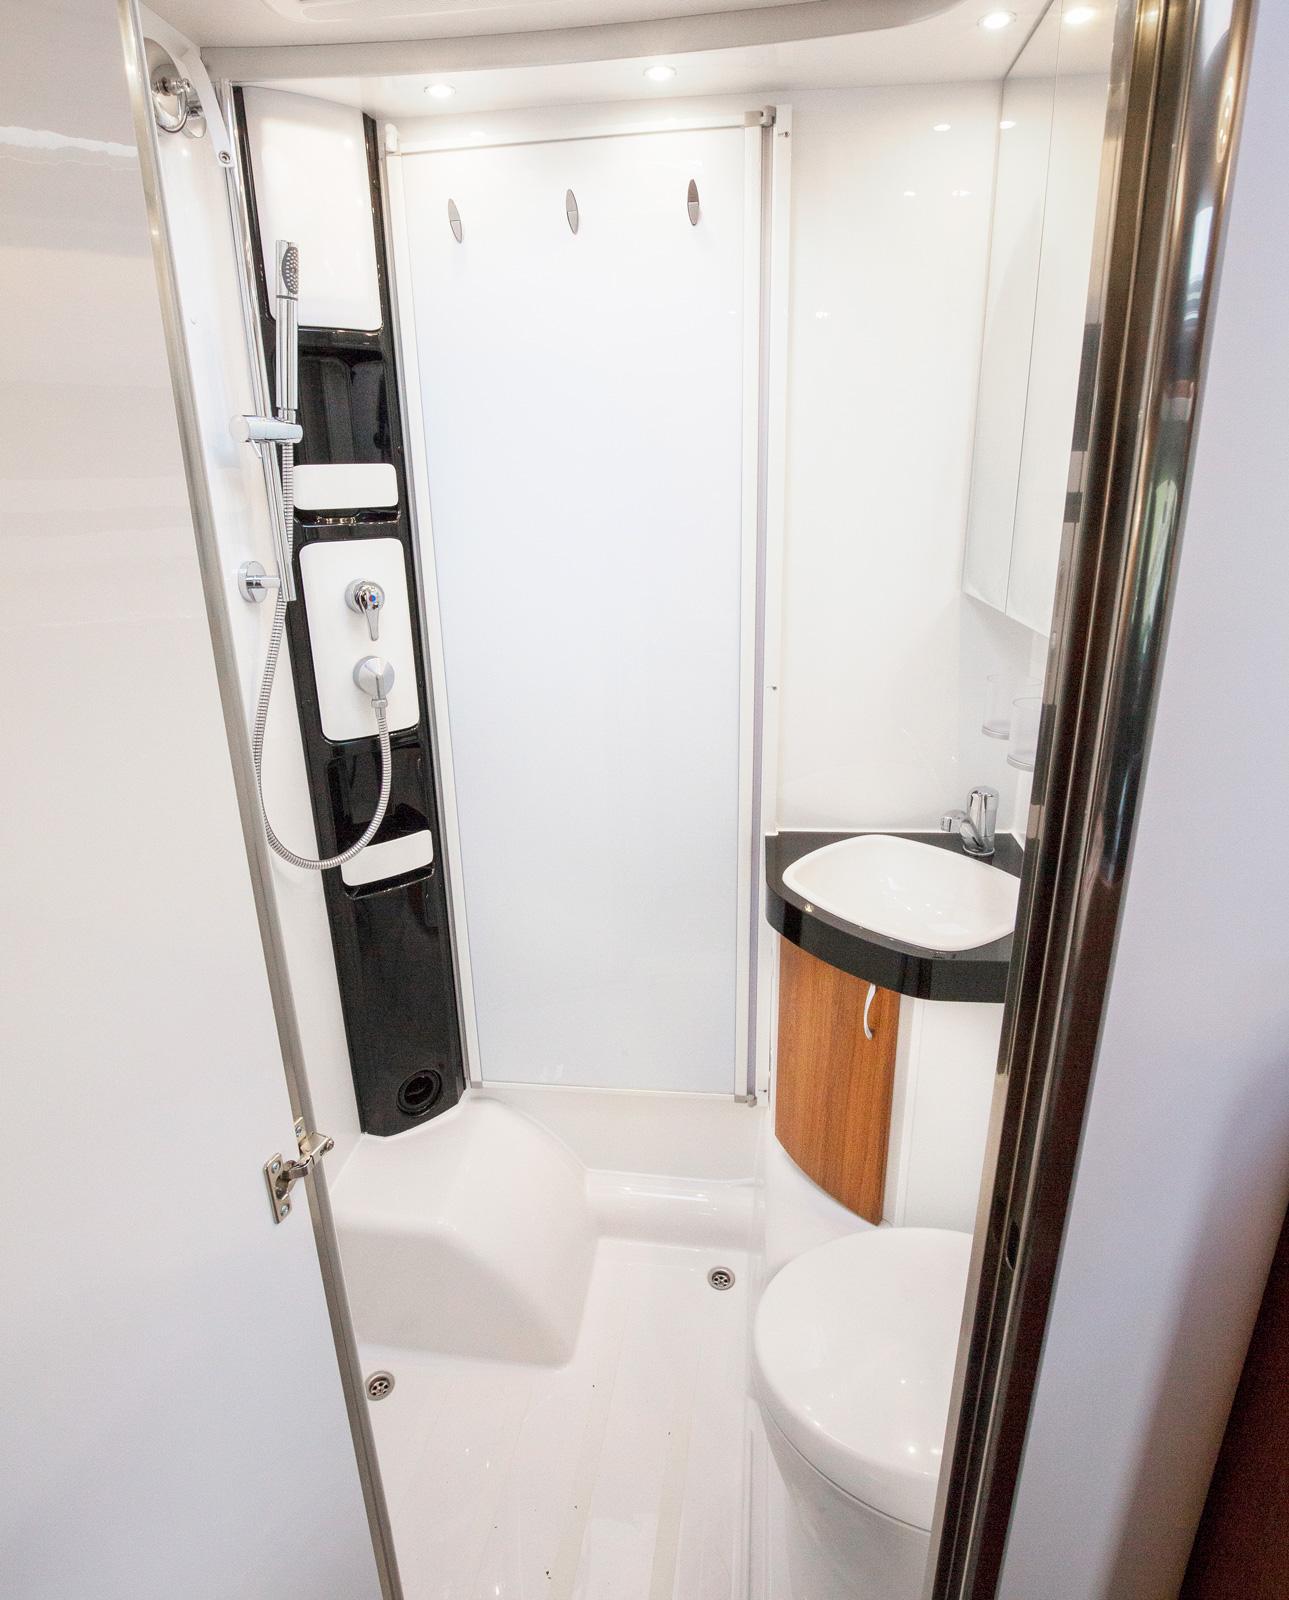 Badrummet är inte jättestort men välplanerat. Om duschen ska användas kan en jalusivägg dras för och skydda handfat och toa.